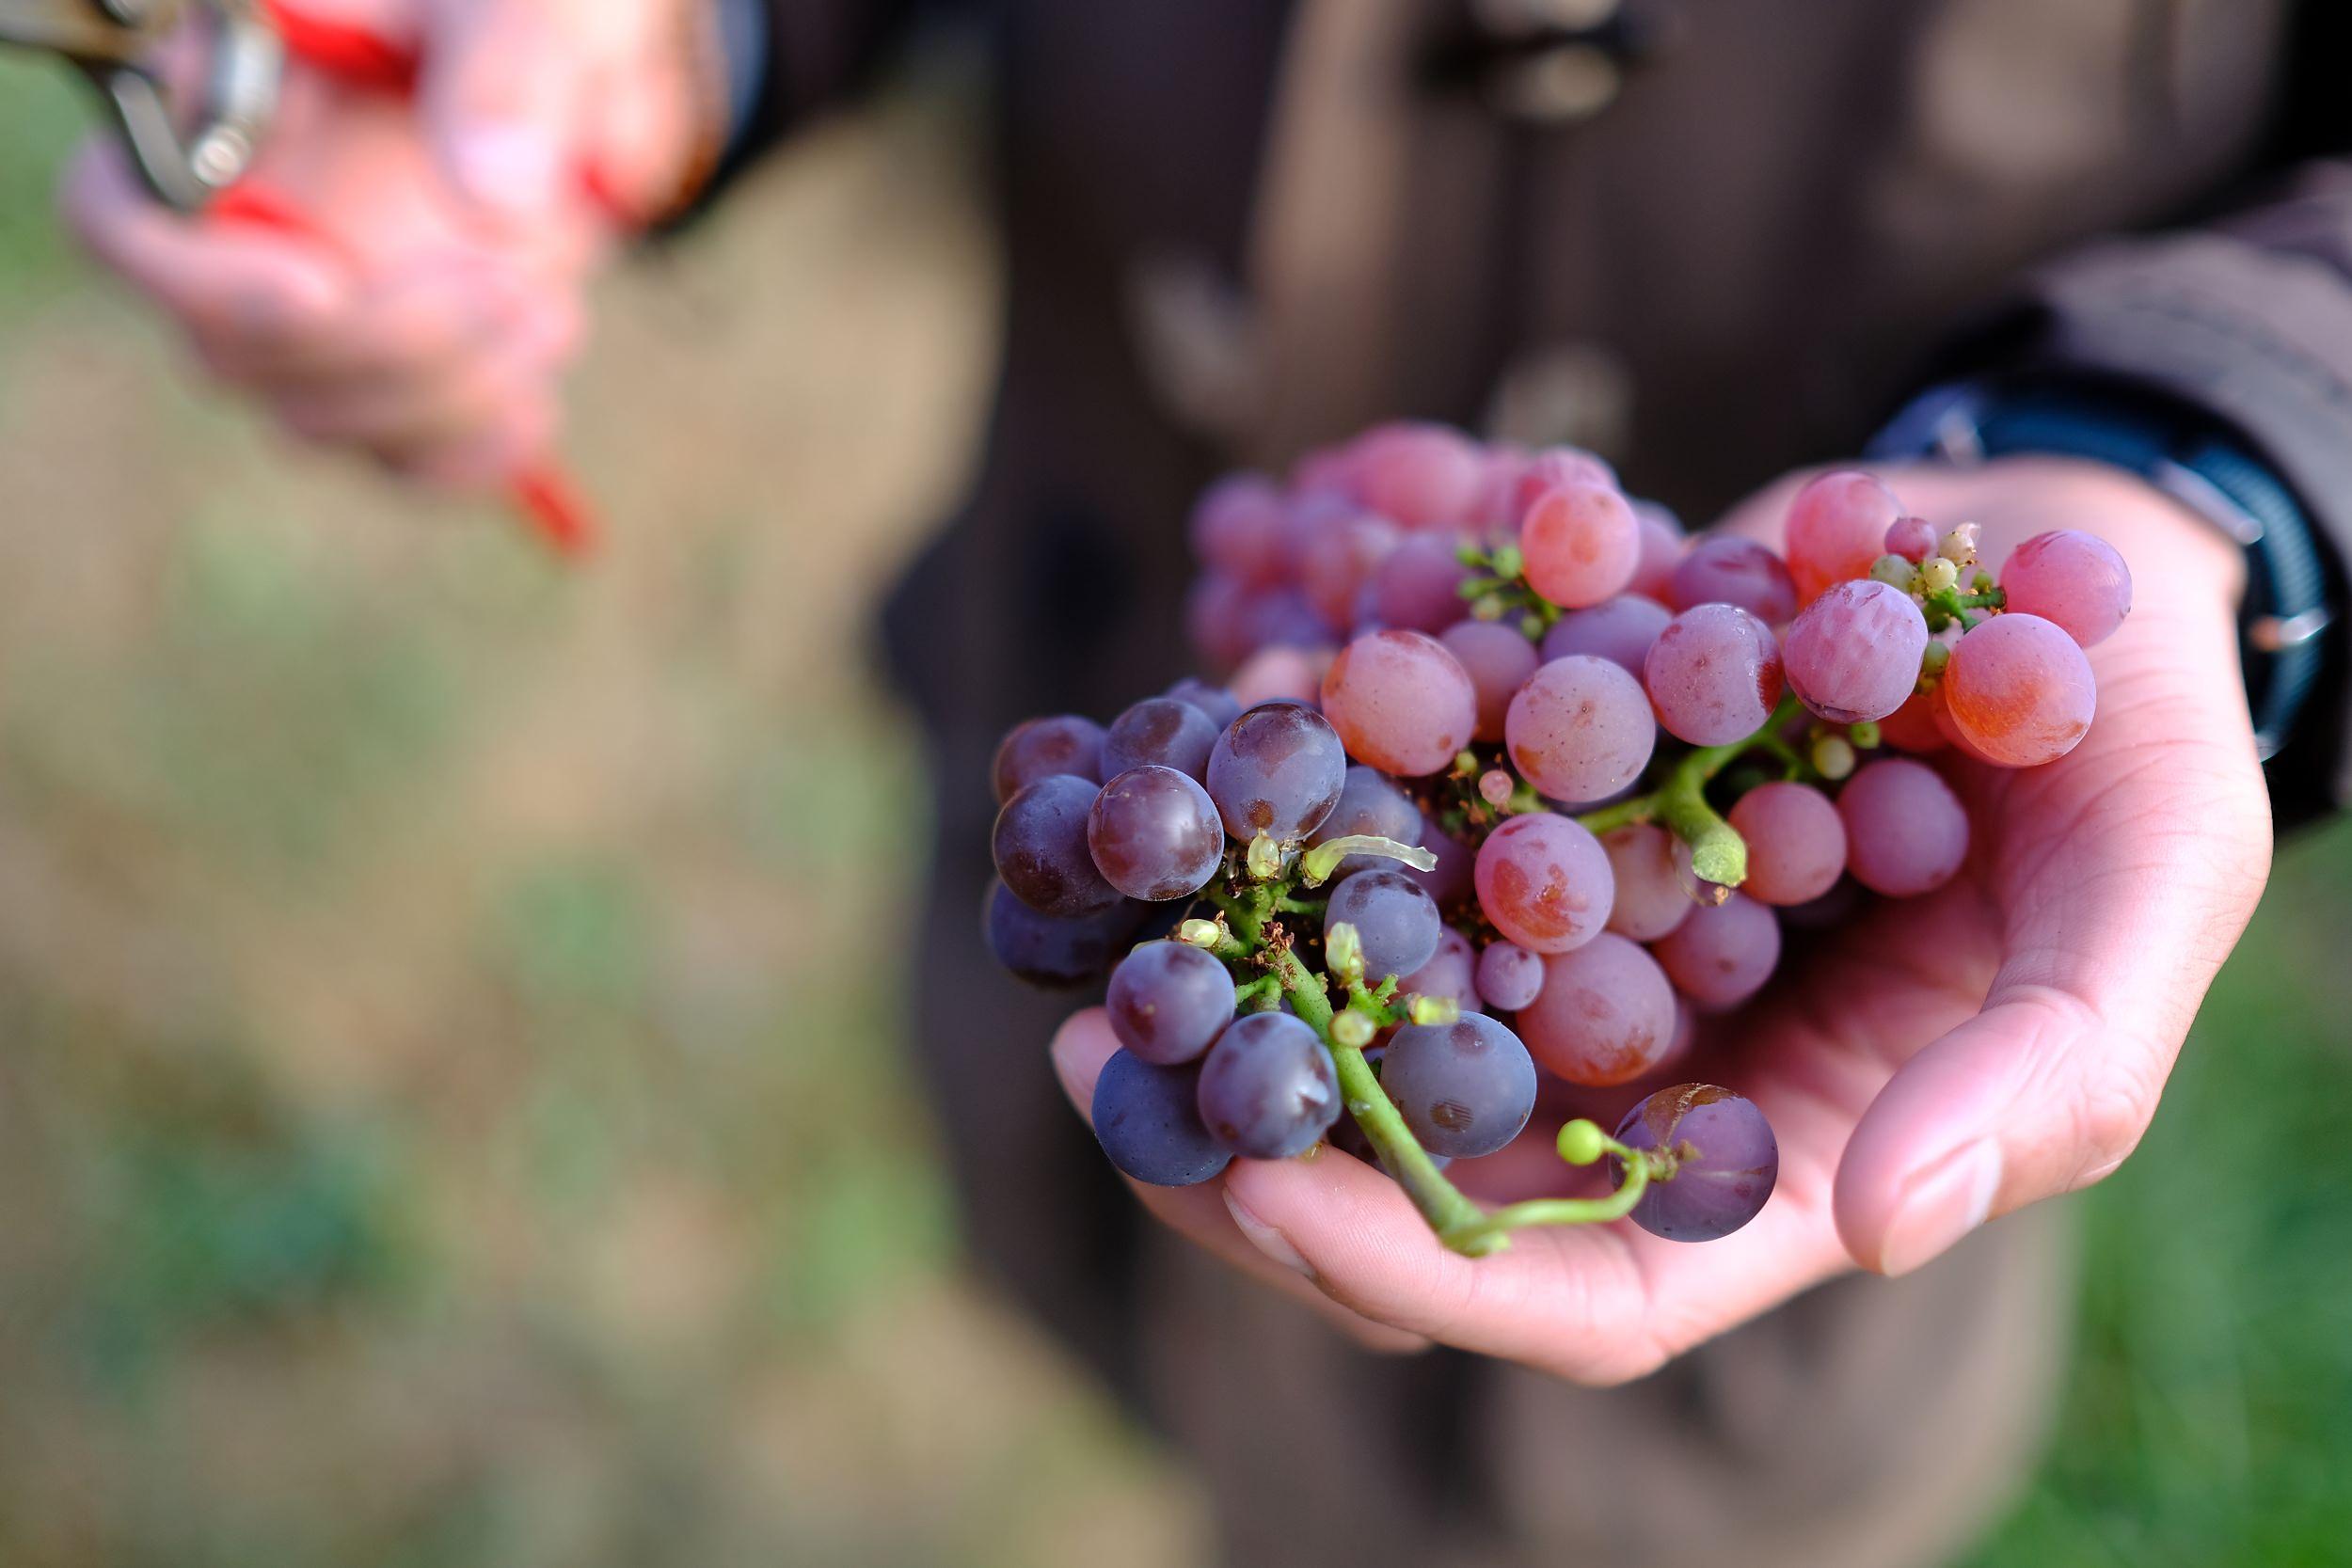 fotoreportage-wijn produceren-Vignoble des 2 lunes-Bosman Wijnkopers-455.jpg